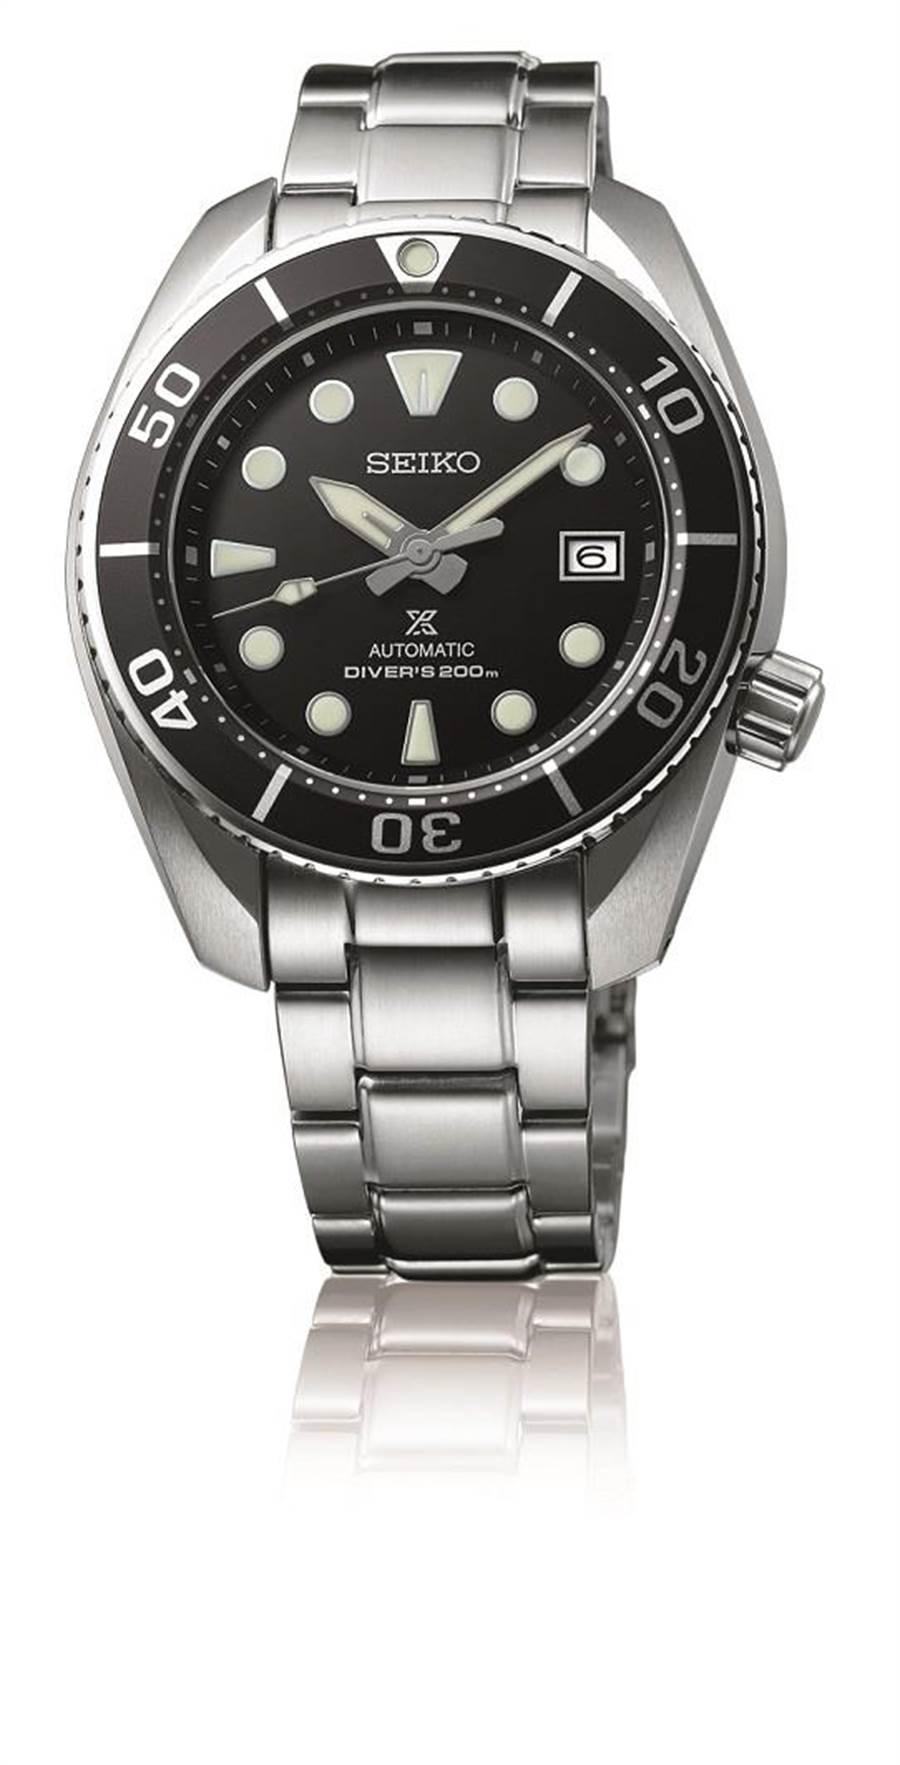 精工表Prospex黑色表盤潛水表,搭載6R35機芯,藍寶石水晶鏡面,精鋼表殼搭精鋼表帶,防水達200米,2萬7500元。(SEIKO提供)